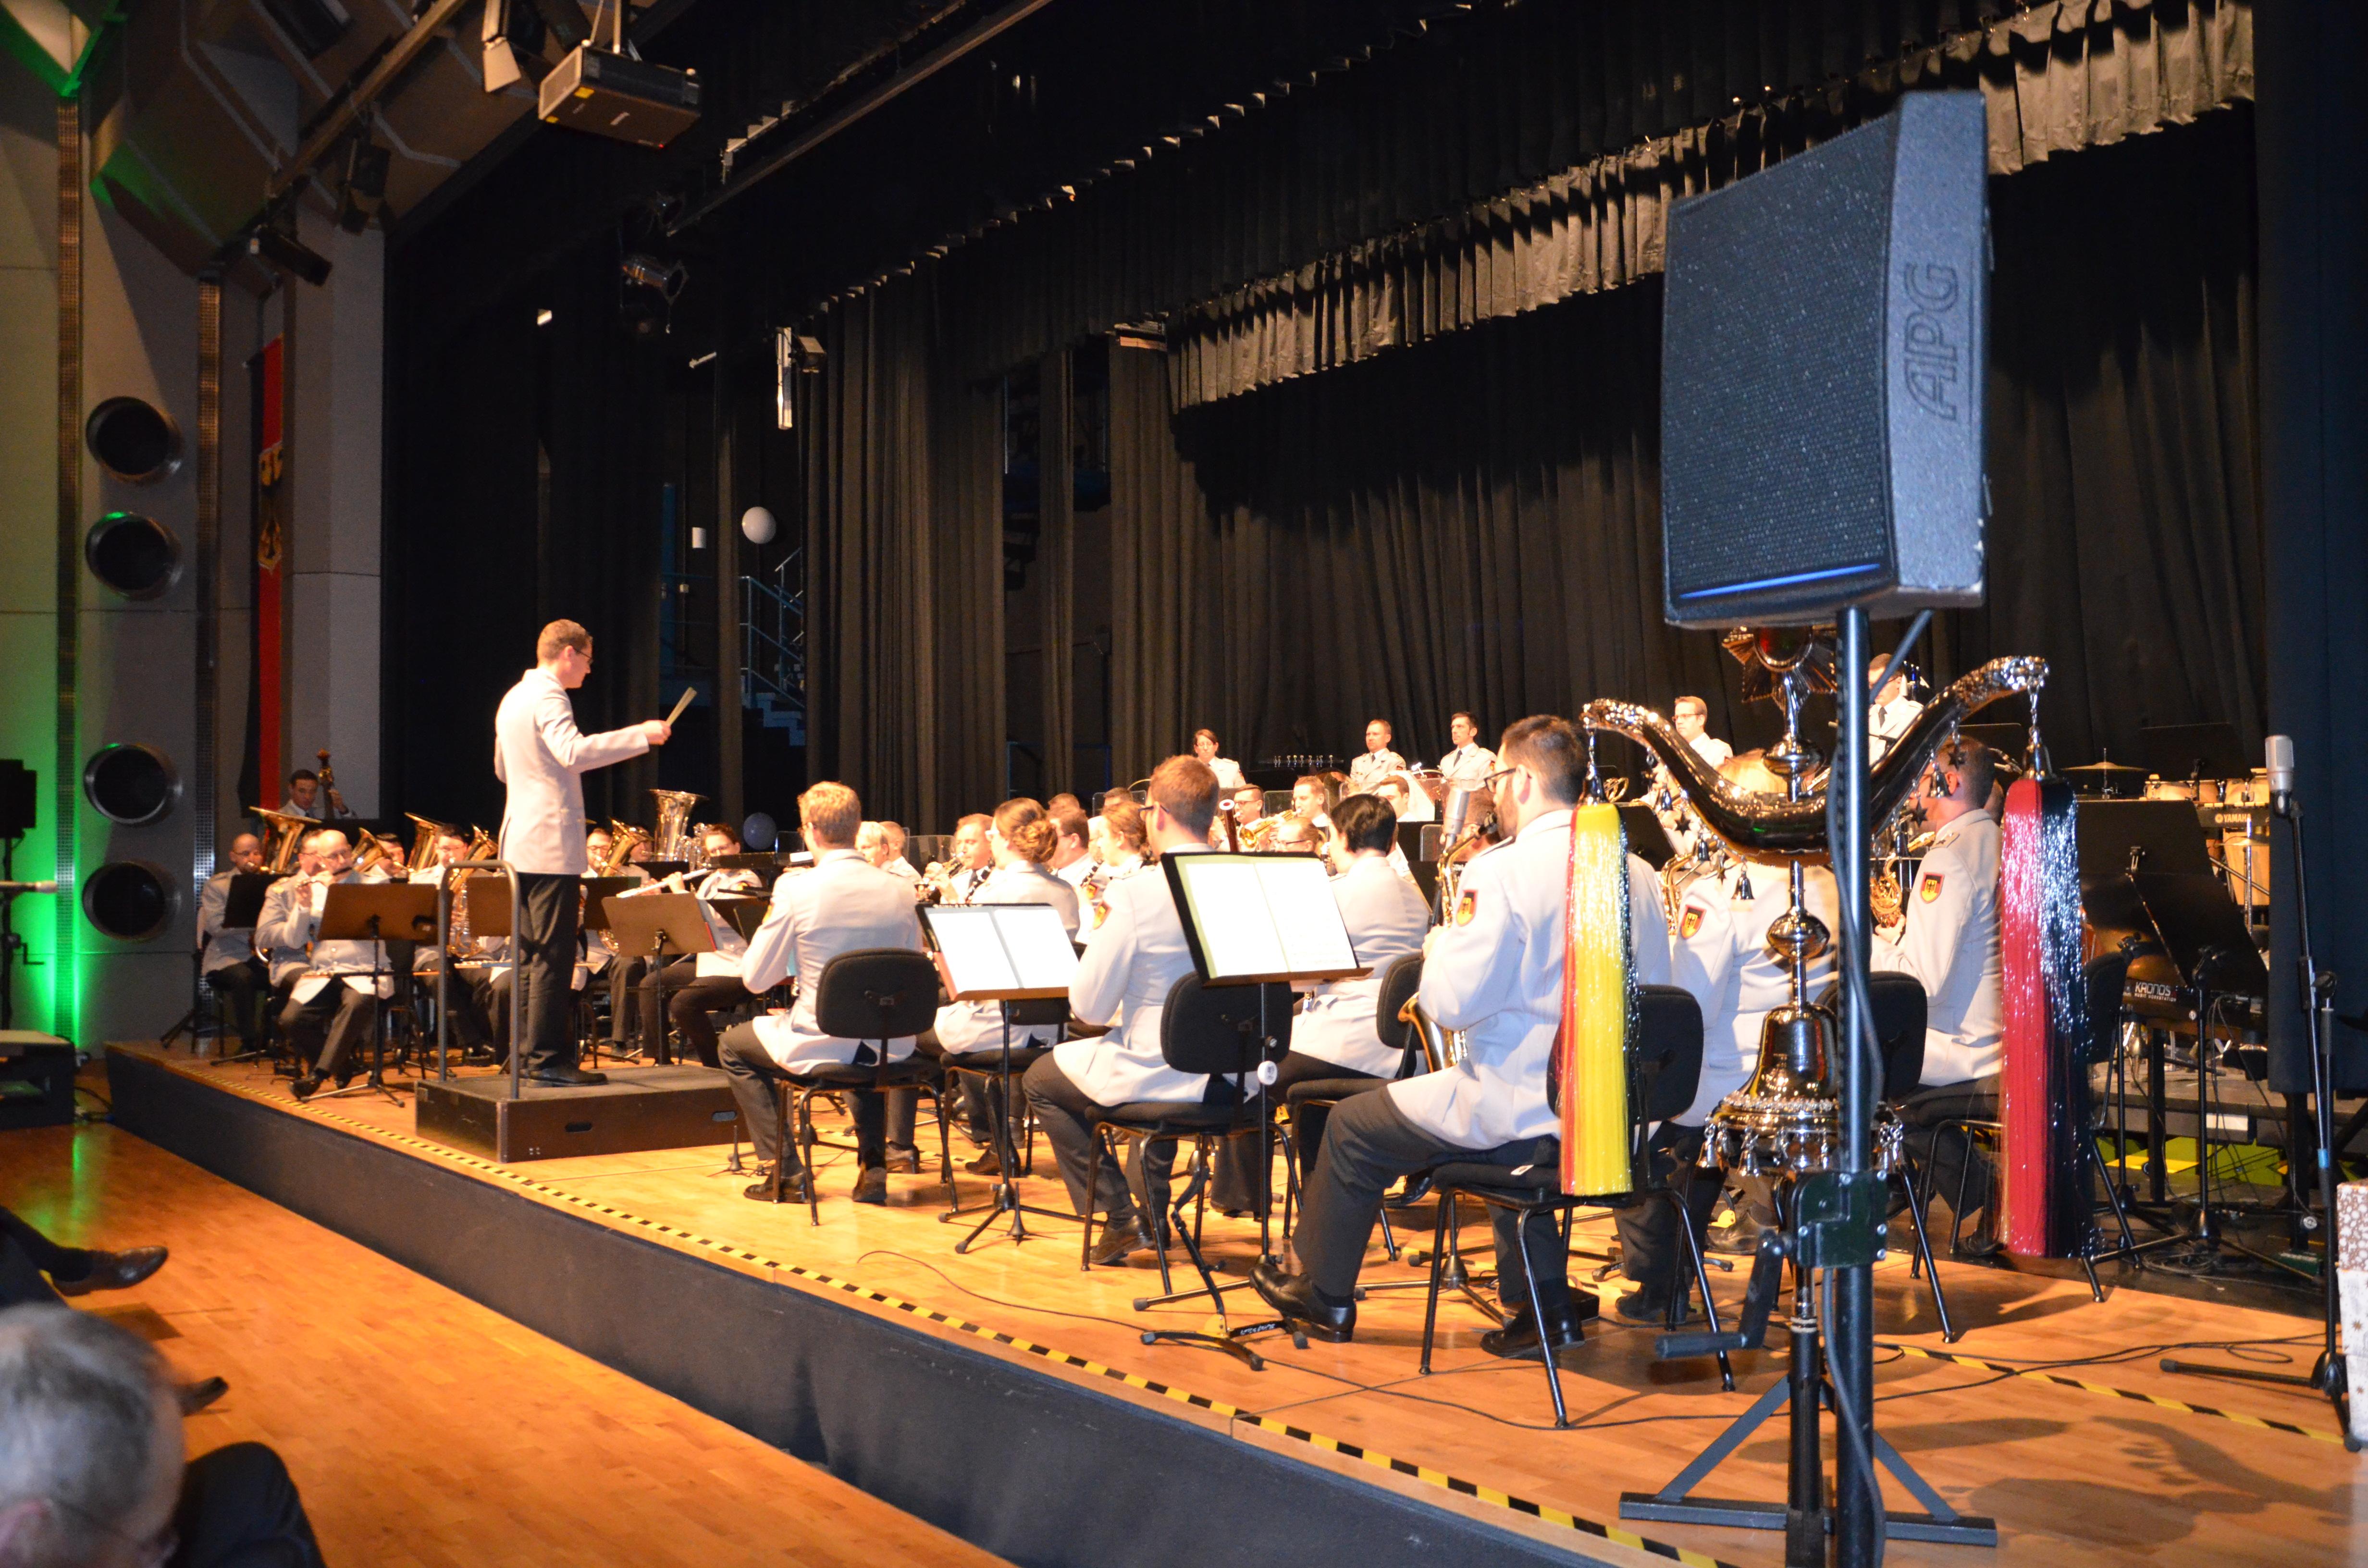 Das Heeresmusikkorps 2 aus Kassel begeisterte in der voll besetzten Stadthalle Stadtallendorf